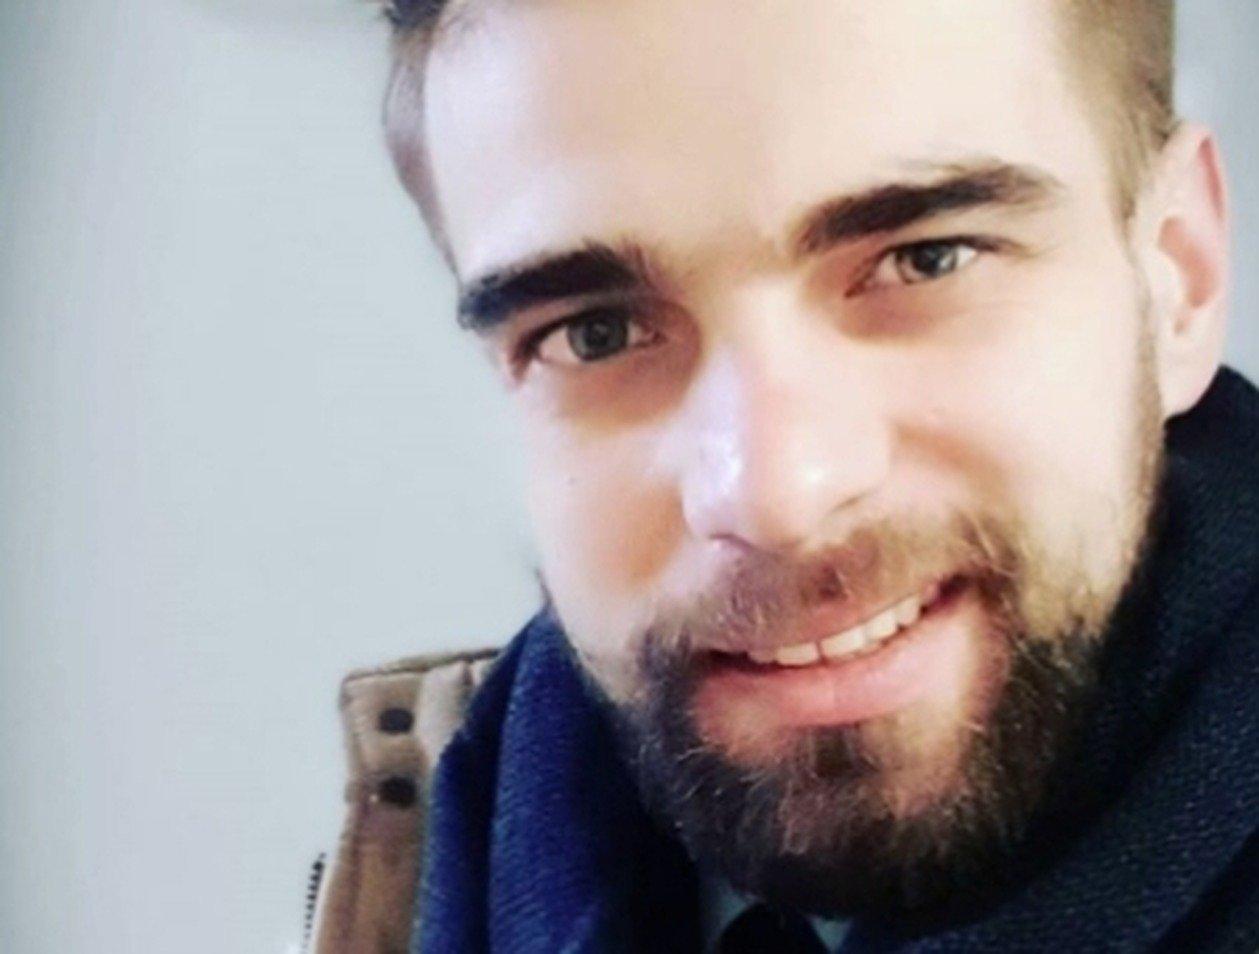 В Пскове задержали следователя из Белоруссии, опубликовавшего пост с рапортом